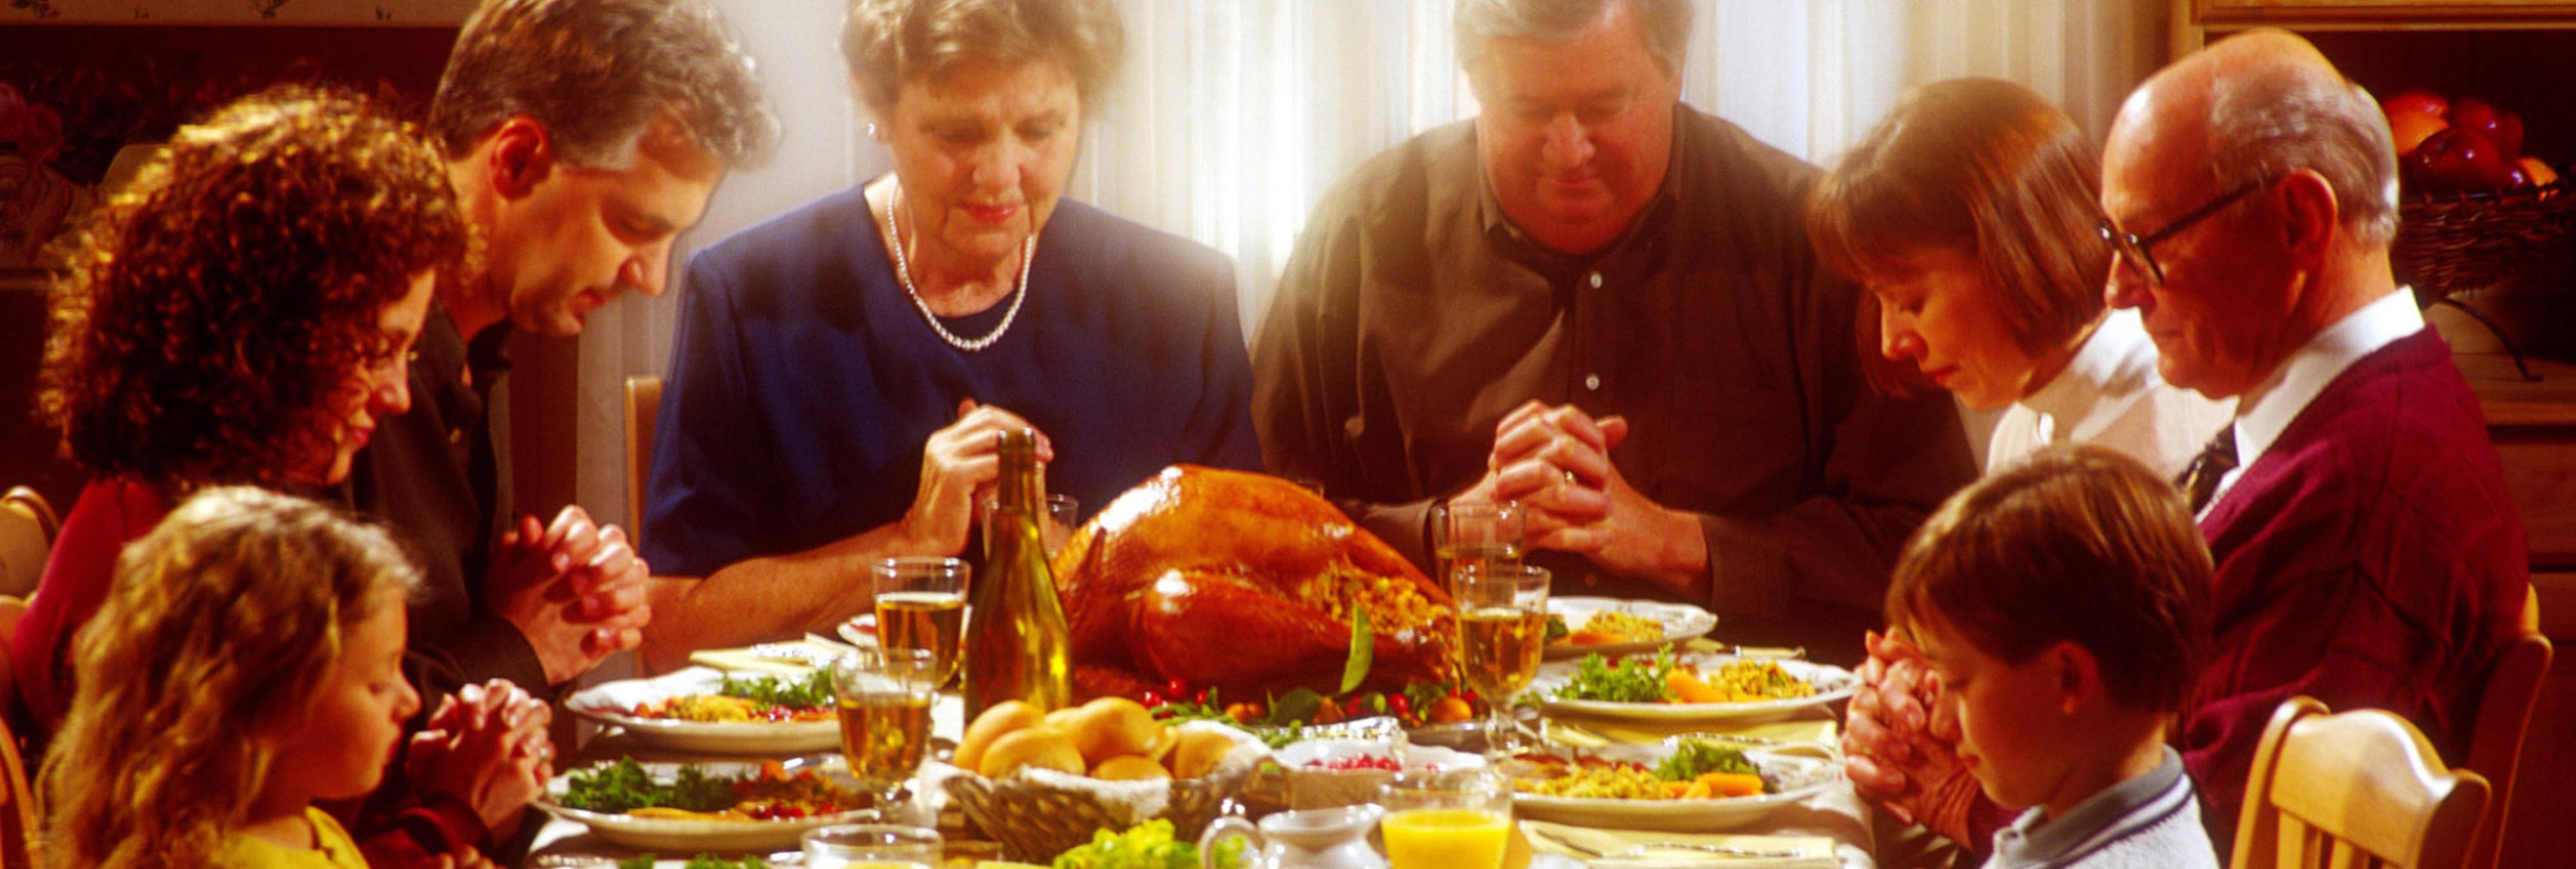 Guía para no perderte en este Día de Acción de Gracias